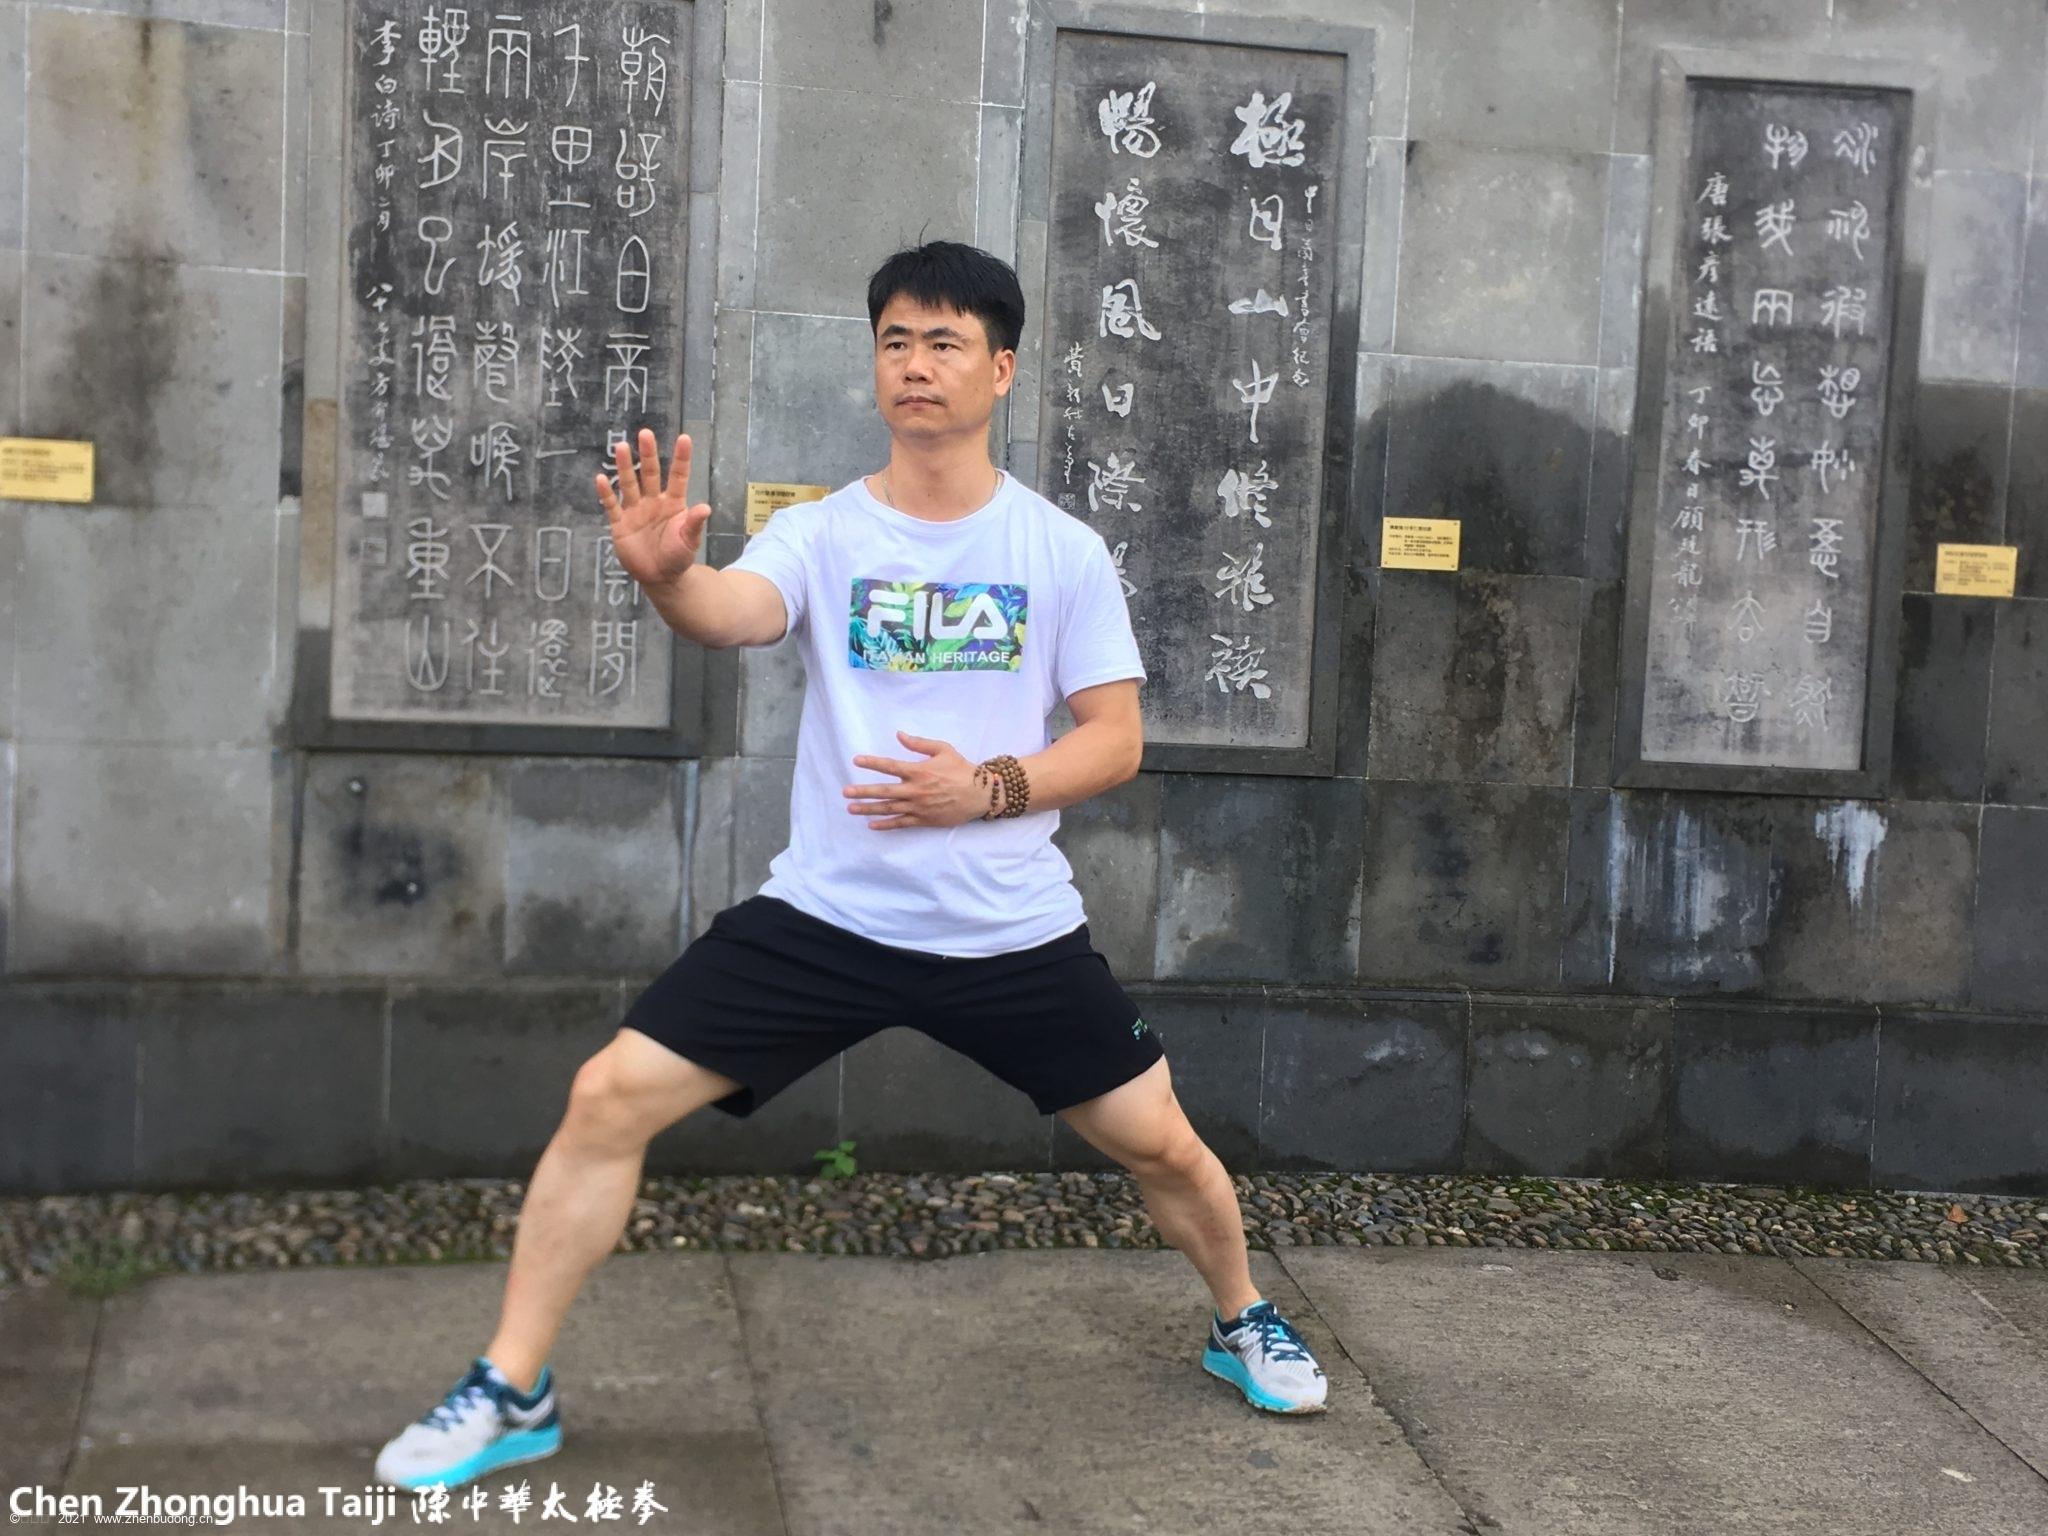 大道—郭福顺